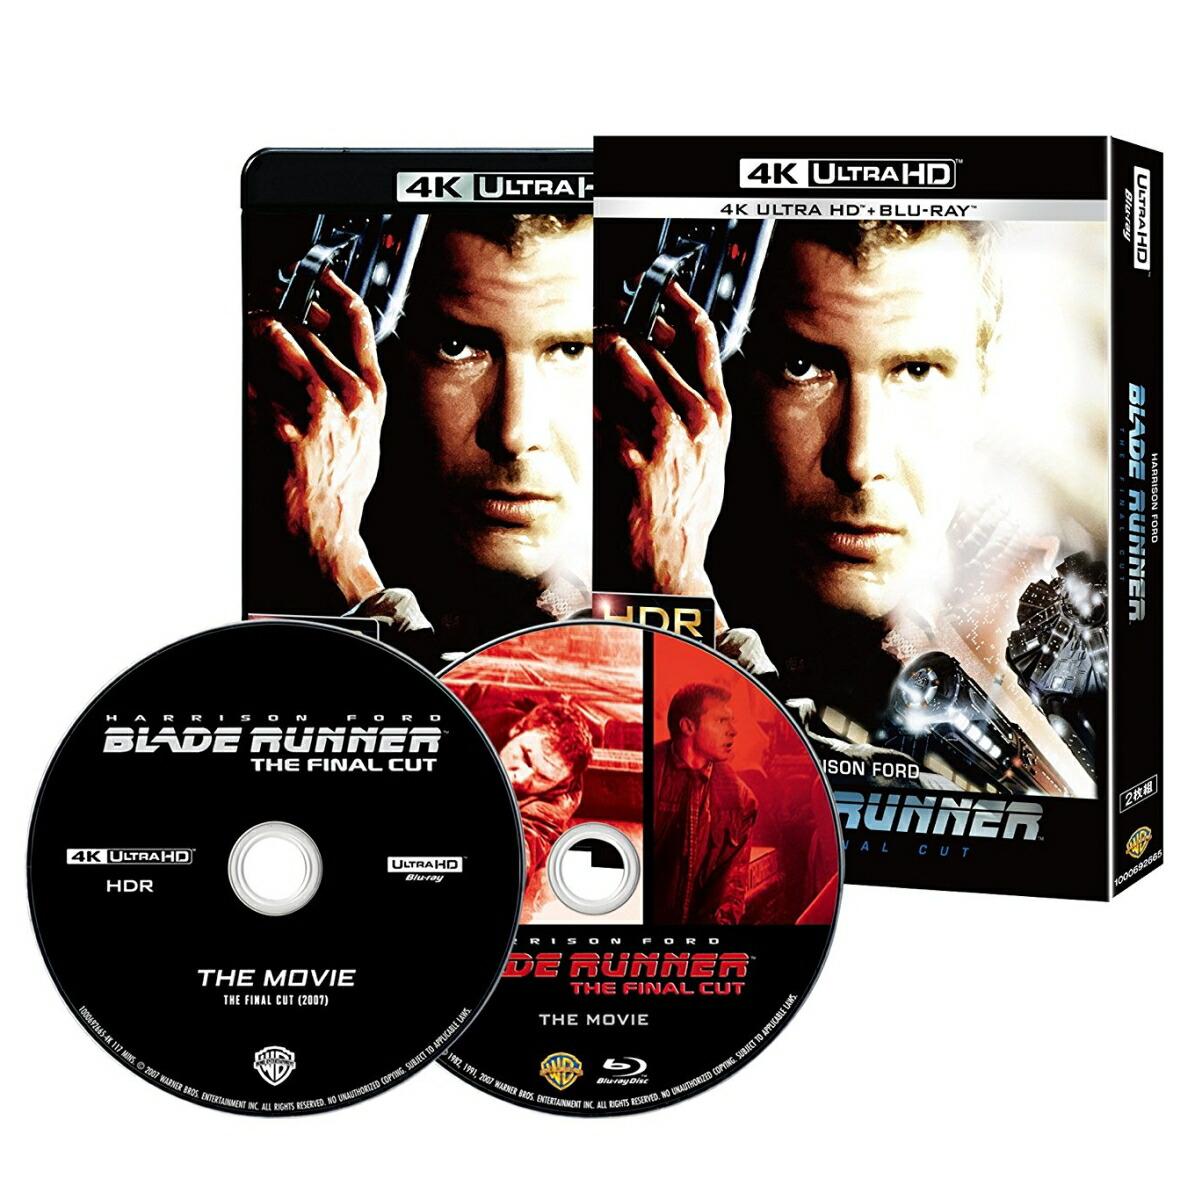 洋画 ブレードランナー ファイナル・カット<4K ULTRA HD&ブルーレイセット>[1000692665][Ultra HD Blu-ray]